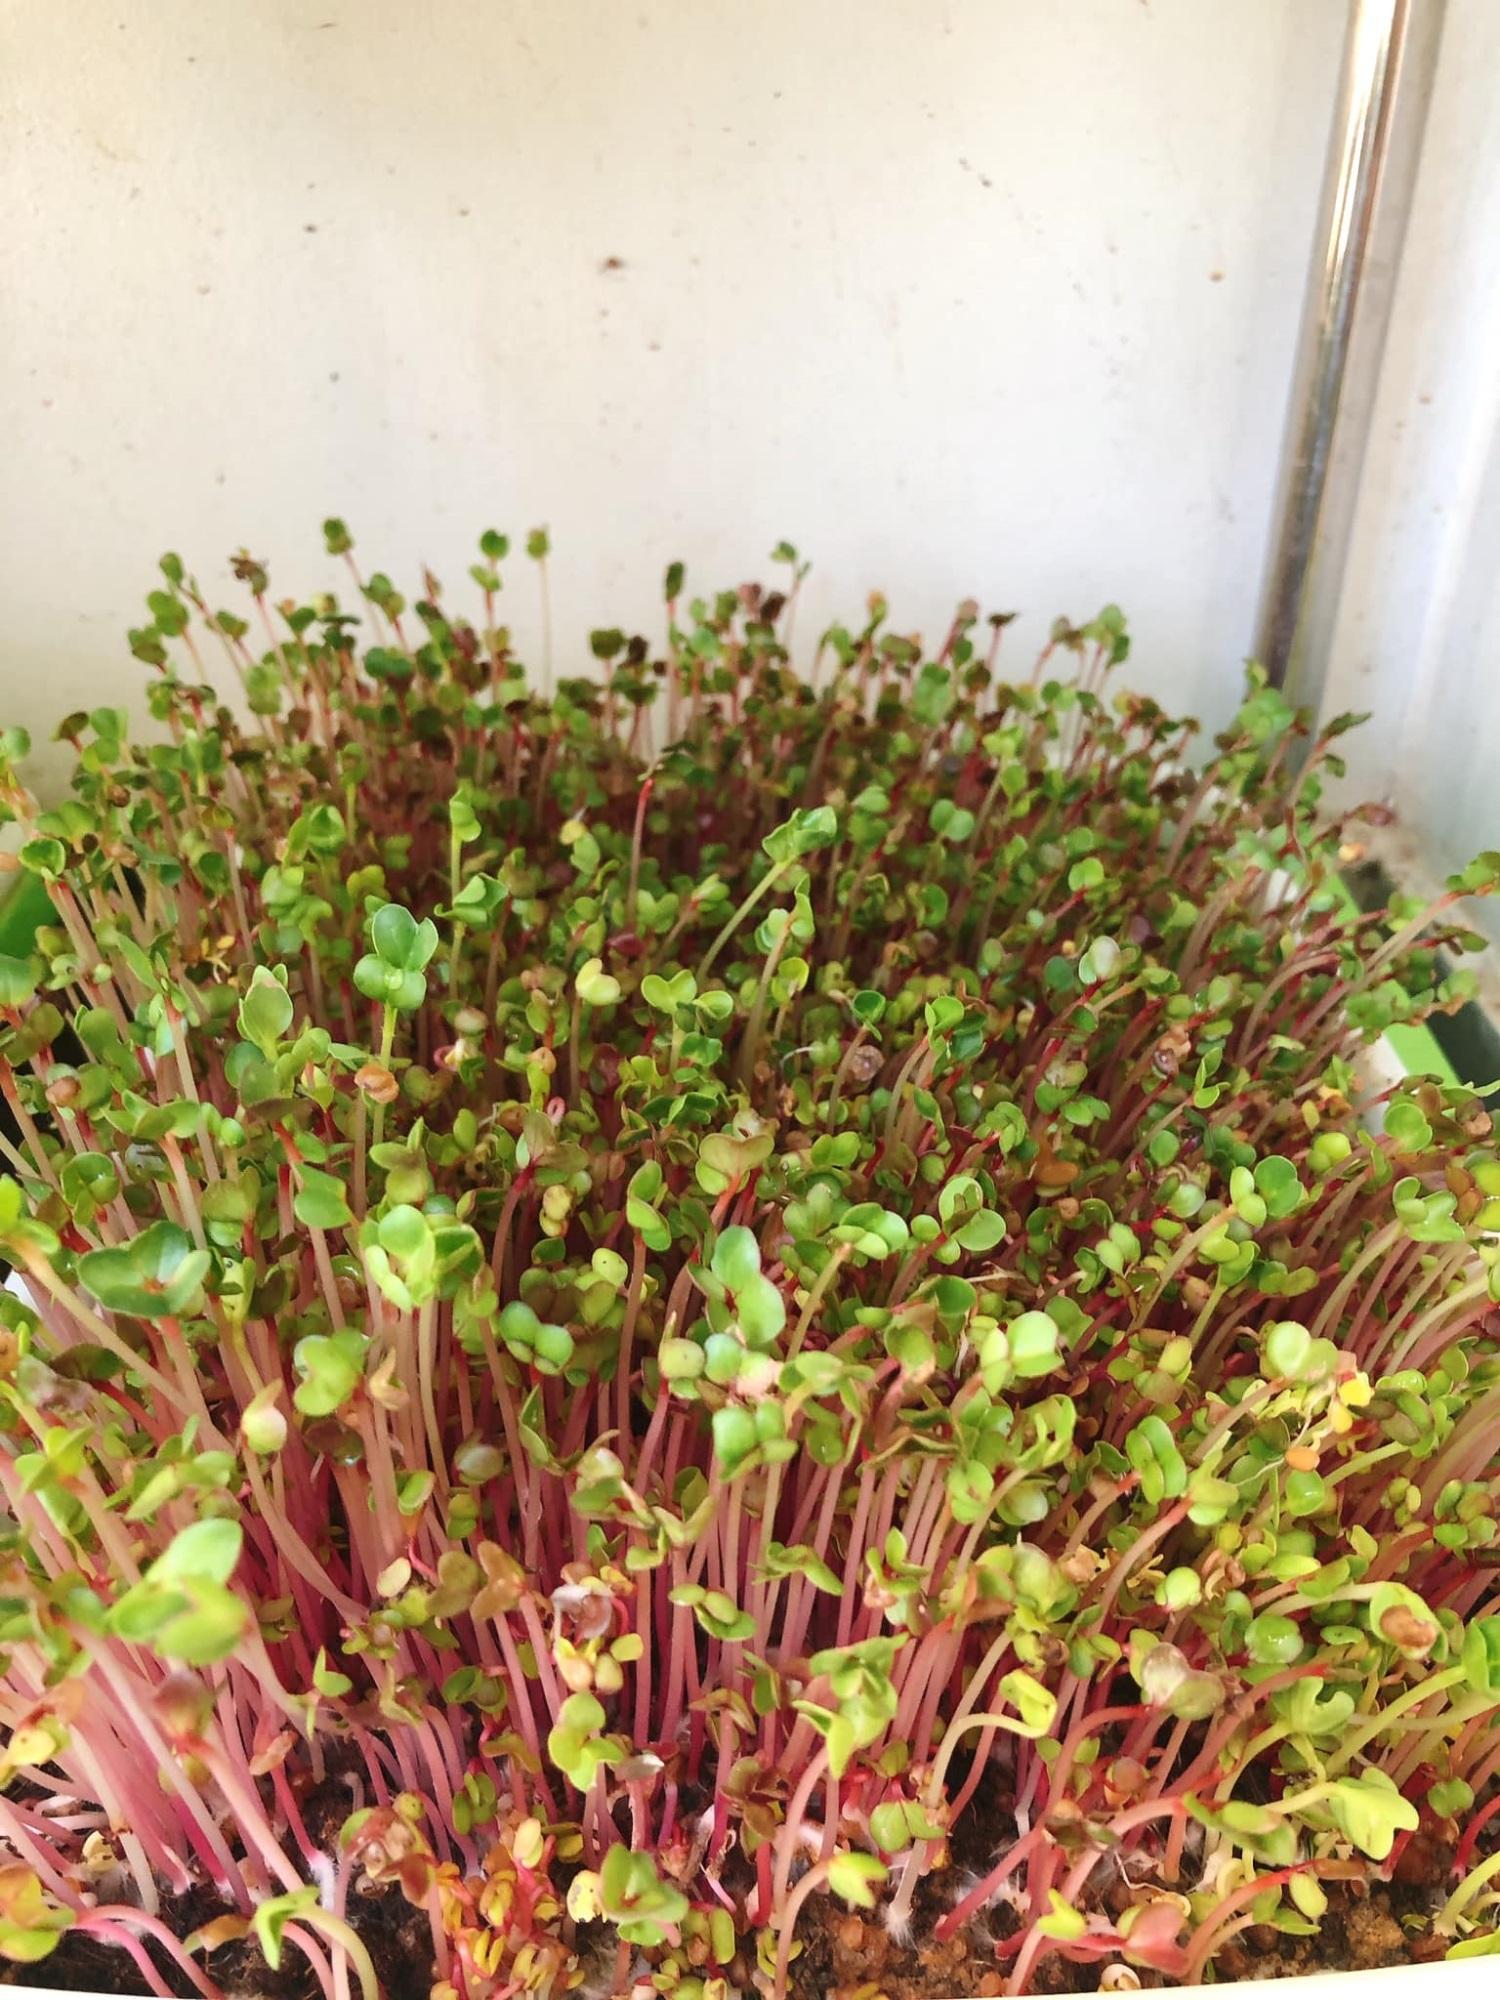 Mẹ nội trợ bật mí 'bí kíp' trồng rau mầm trong thùng xốp tốt um và 'dễ như ăn bánh' - Ảnh 5